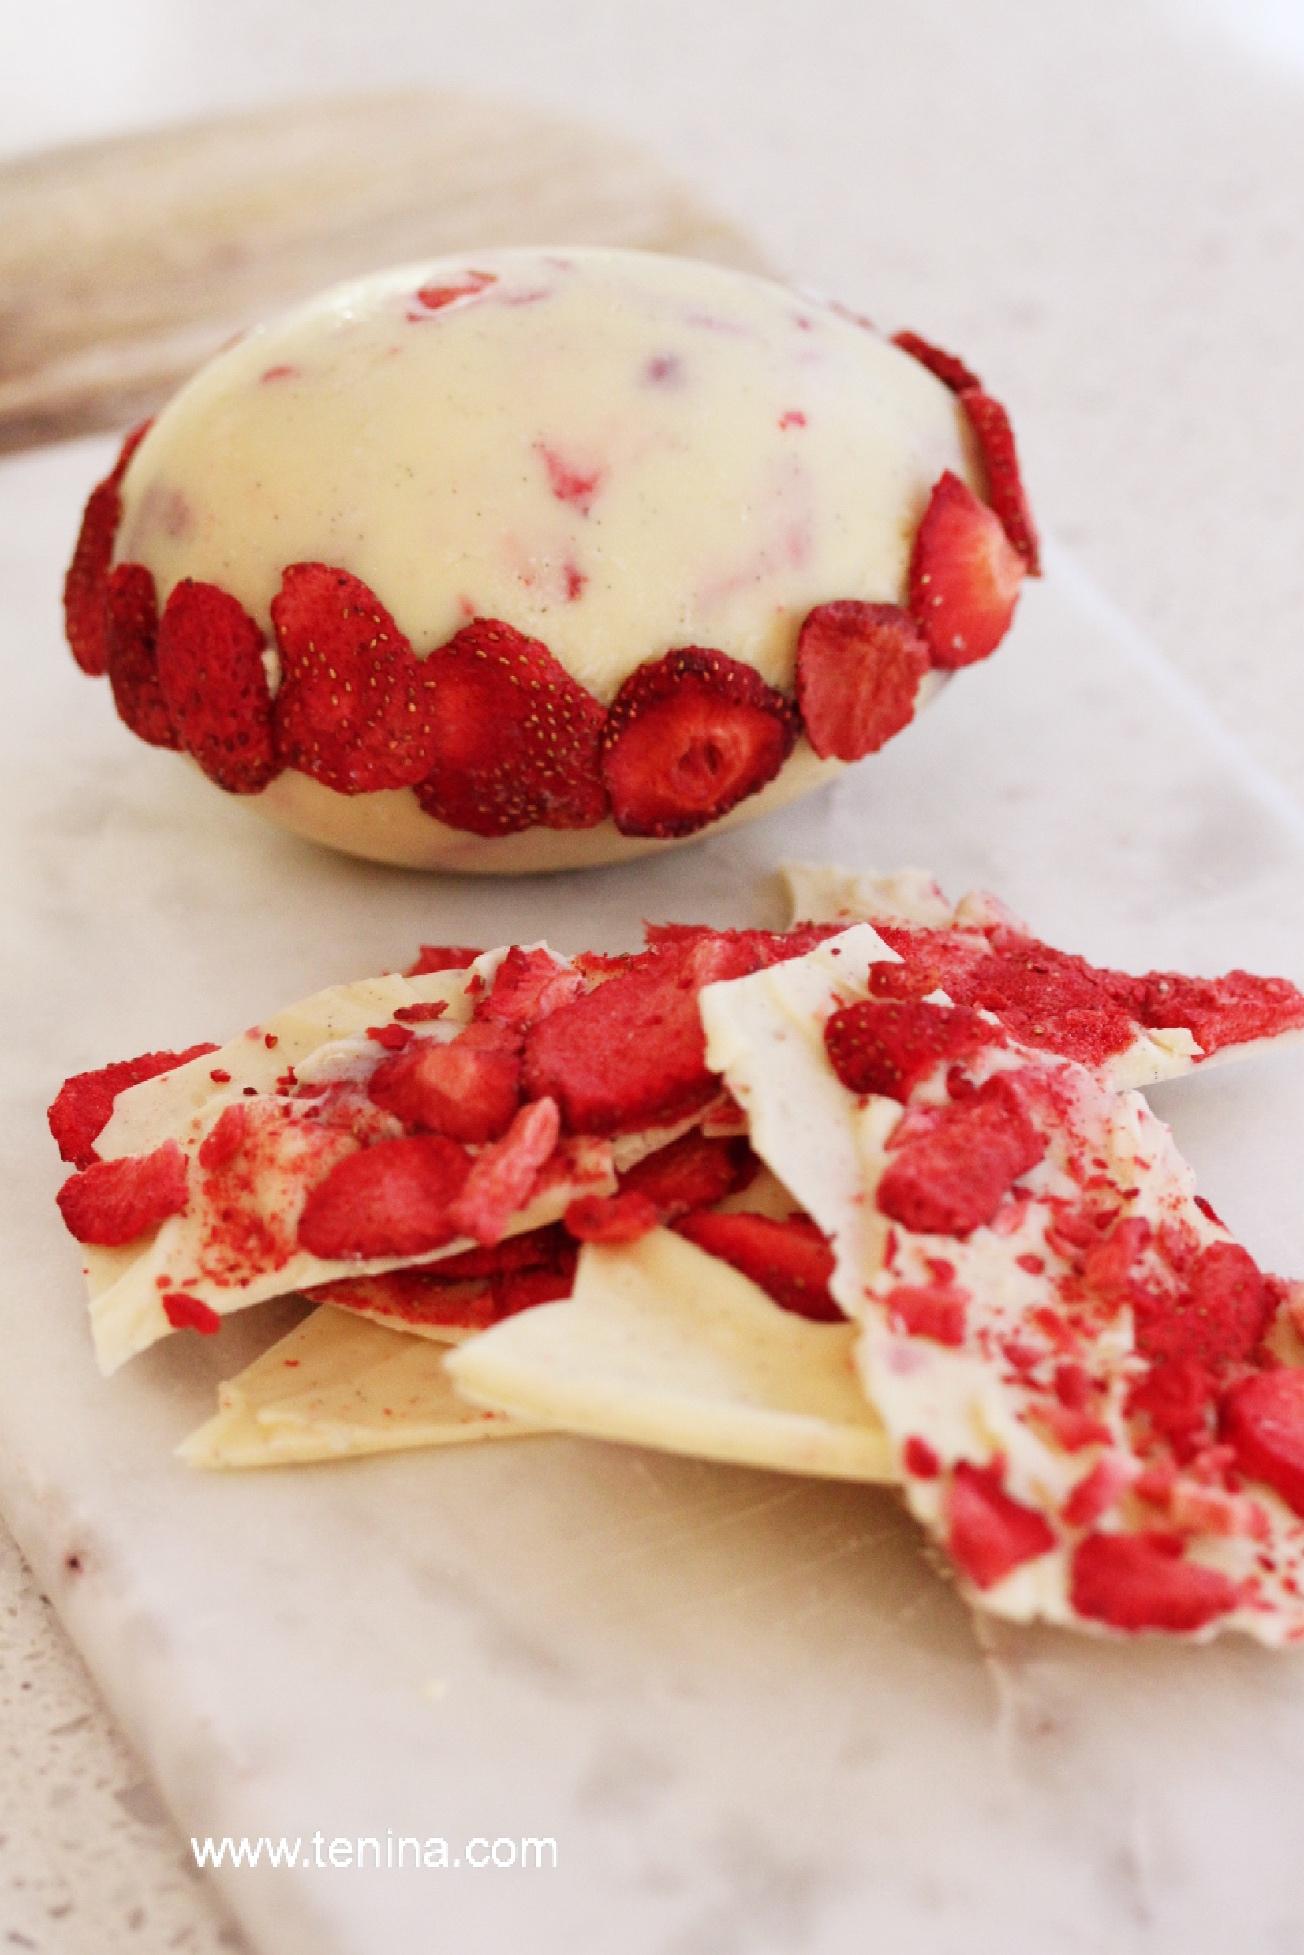 Strawberries-and-Vanilla-white-easter-egg_Fotor.jpg#asset:33850